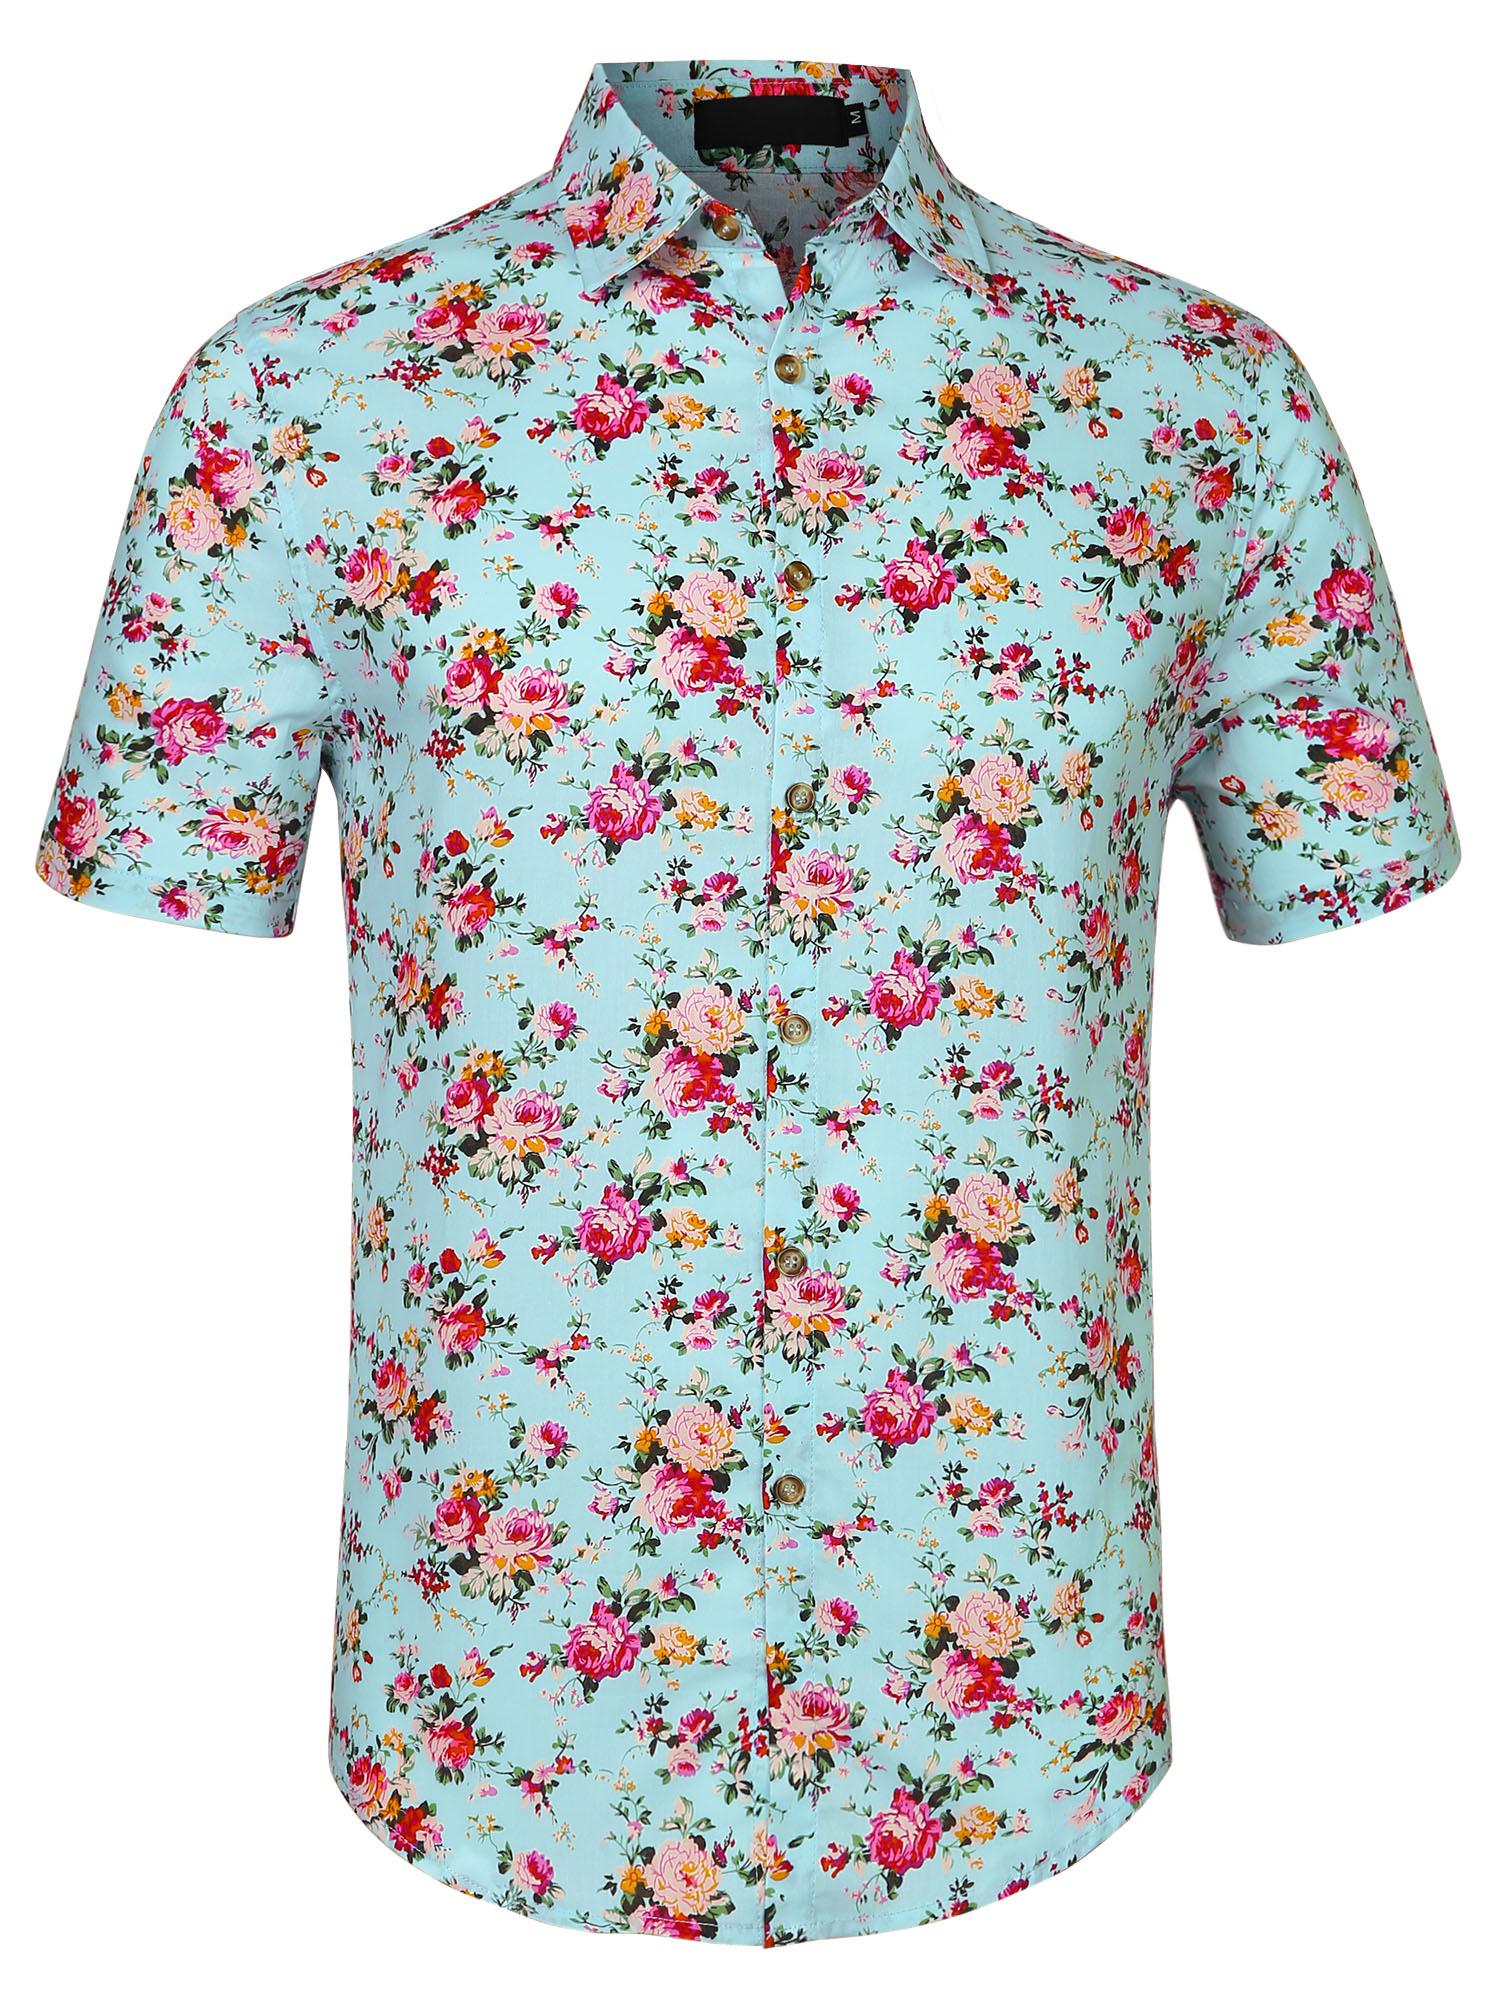 Men Floral Print Short Sleeve Button Front Cotton Hawaiian Shirt Mint L